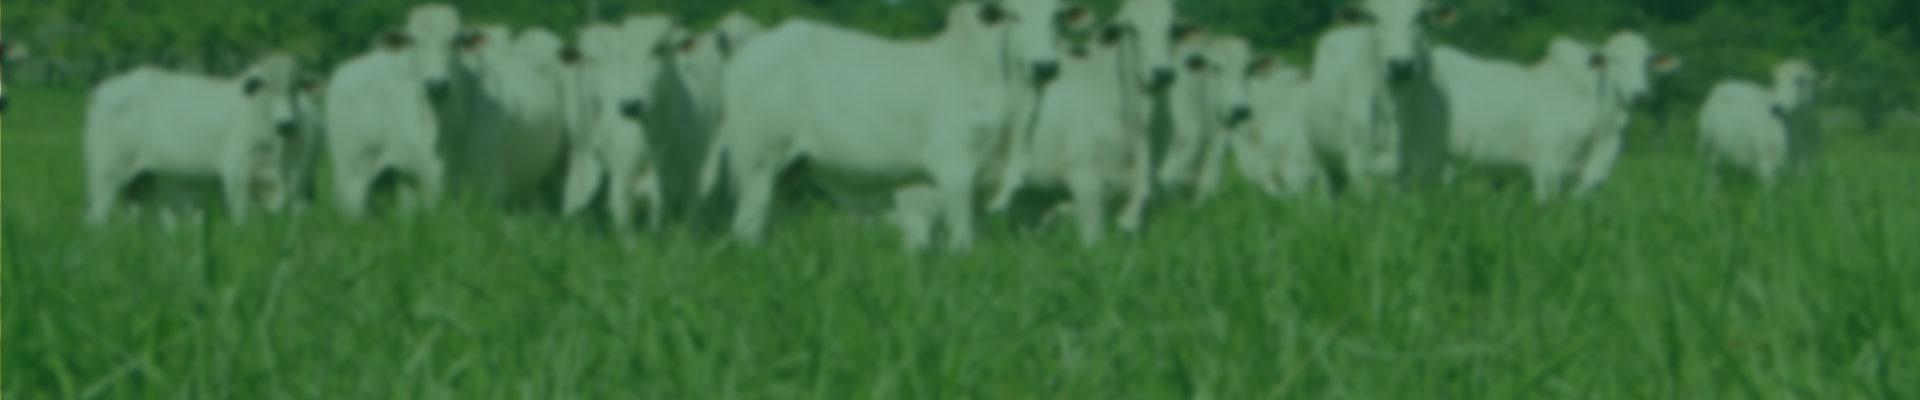 A Brachiaria brizantha cv. Marandu tem como principais características resistência às cigarrinhas-das-pastagens, alta produção de forragem, persistência, boa capacidade de rebrota, tolerância ao frio, à seca e ao fogo. Exige solos bem drenados, de média a alta fertilidade onde produz de 8 a 20 toneladas de matéria seca por hectare, por ano.